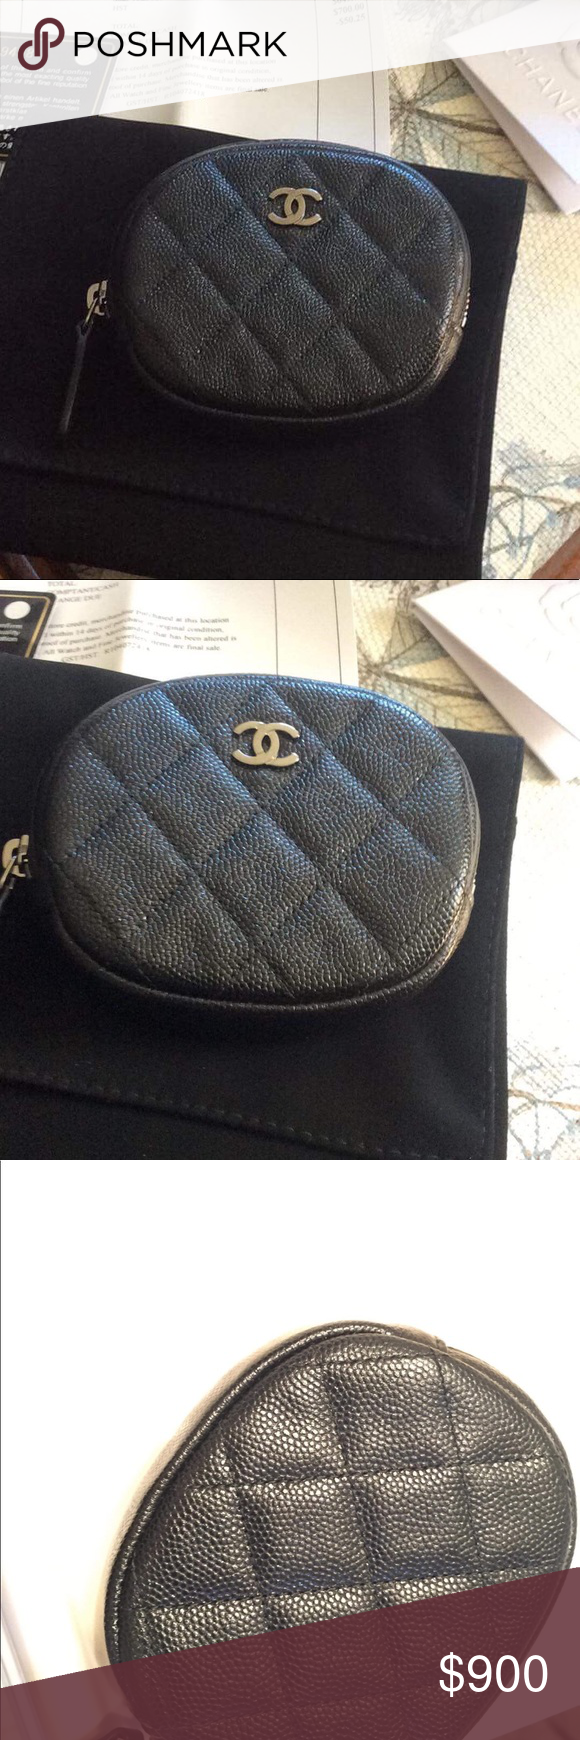 6e57602dc00f Authentic NIB Chanel Iridescent Caviar Coin Purse NIB Chanel round coin  case in iridescent black caviar